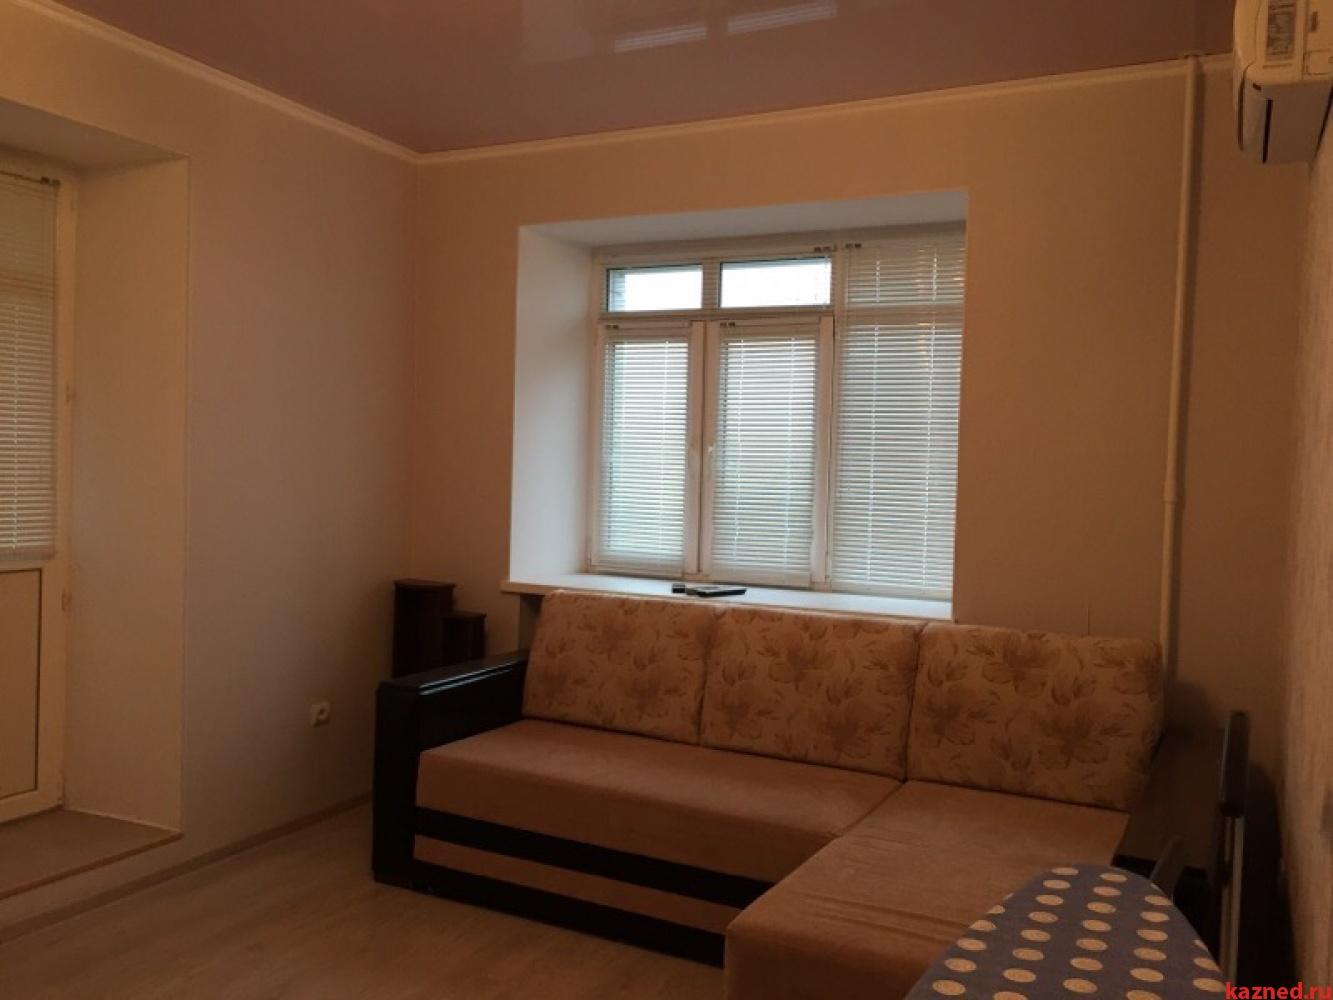 Продажа 1-к квартиры кариева дом 5, 45 м²  (миниатюра №6)